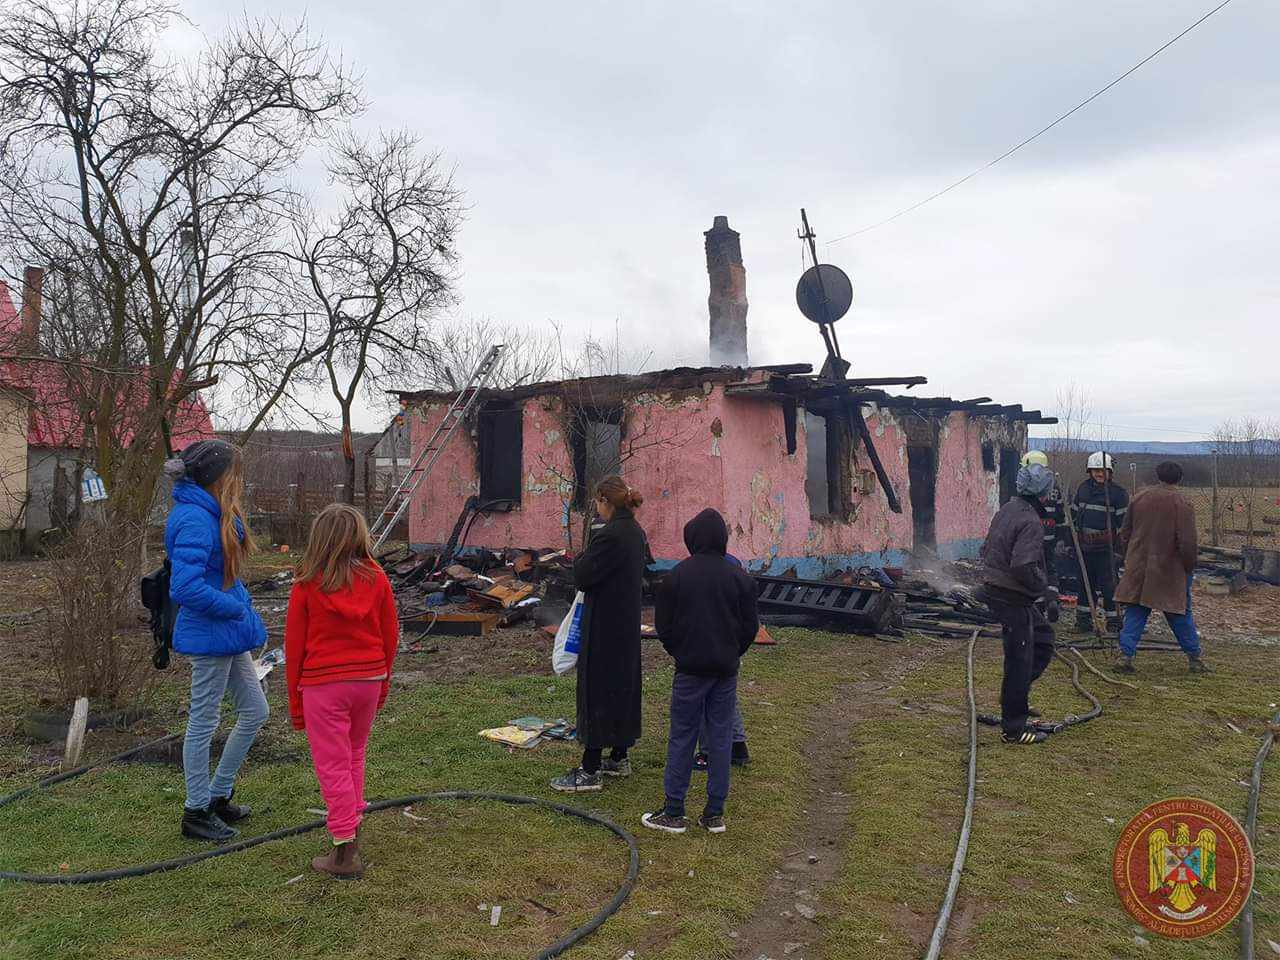 Se adună tot mai multe ajutoare pentru familia din Tătărăști. Mirela Retegan și Gașca Zurli donează încasările de la două spectacole